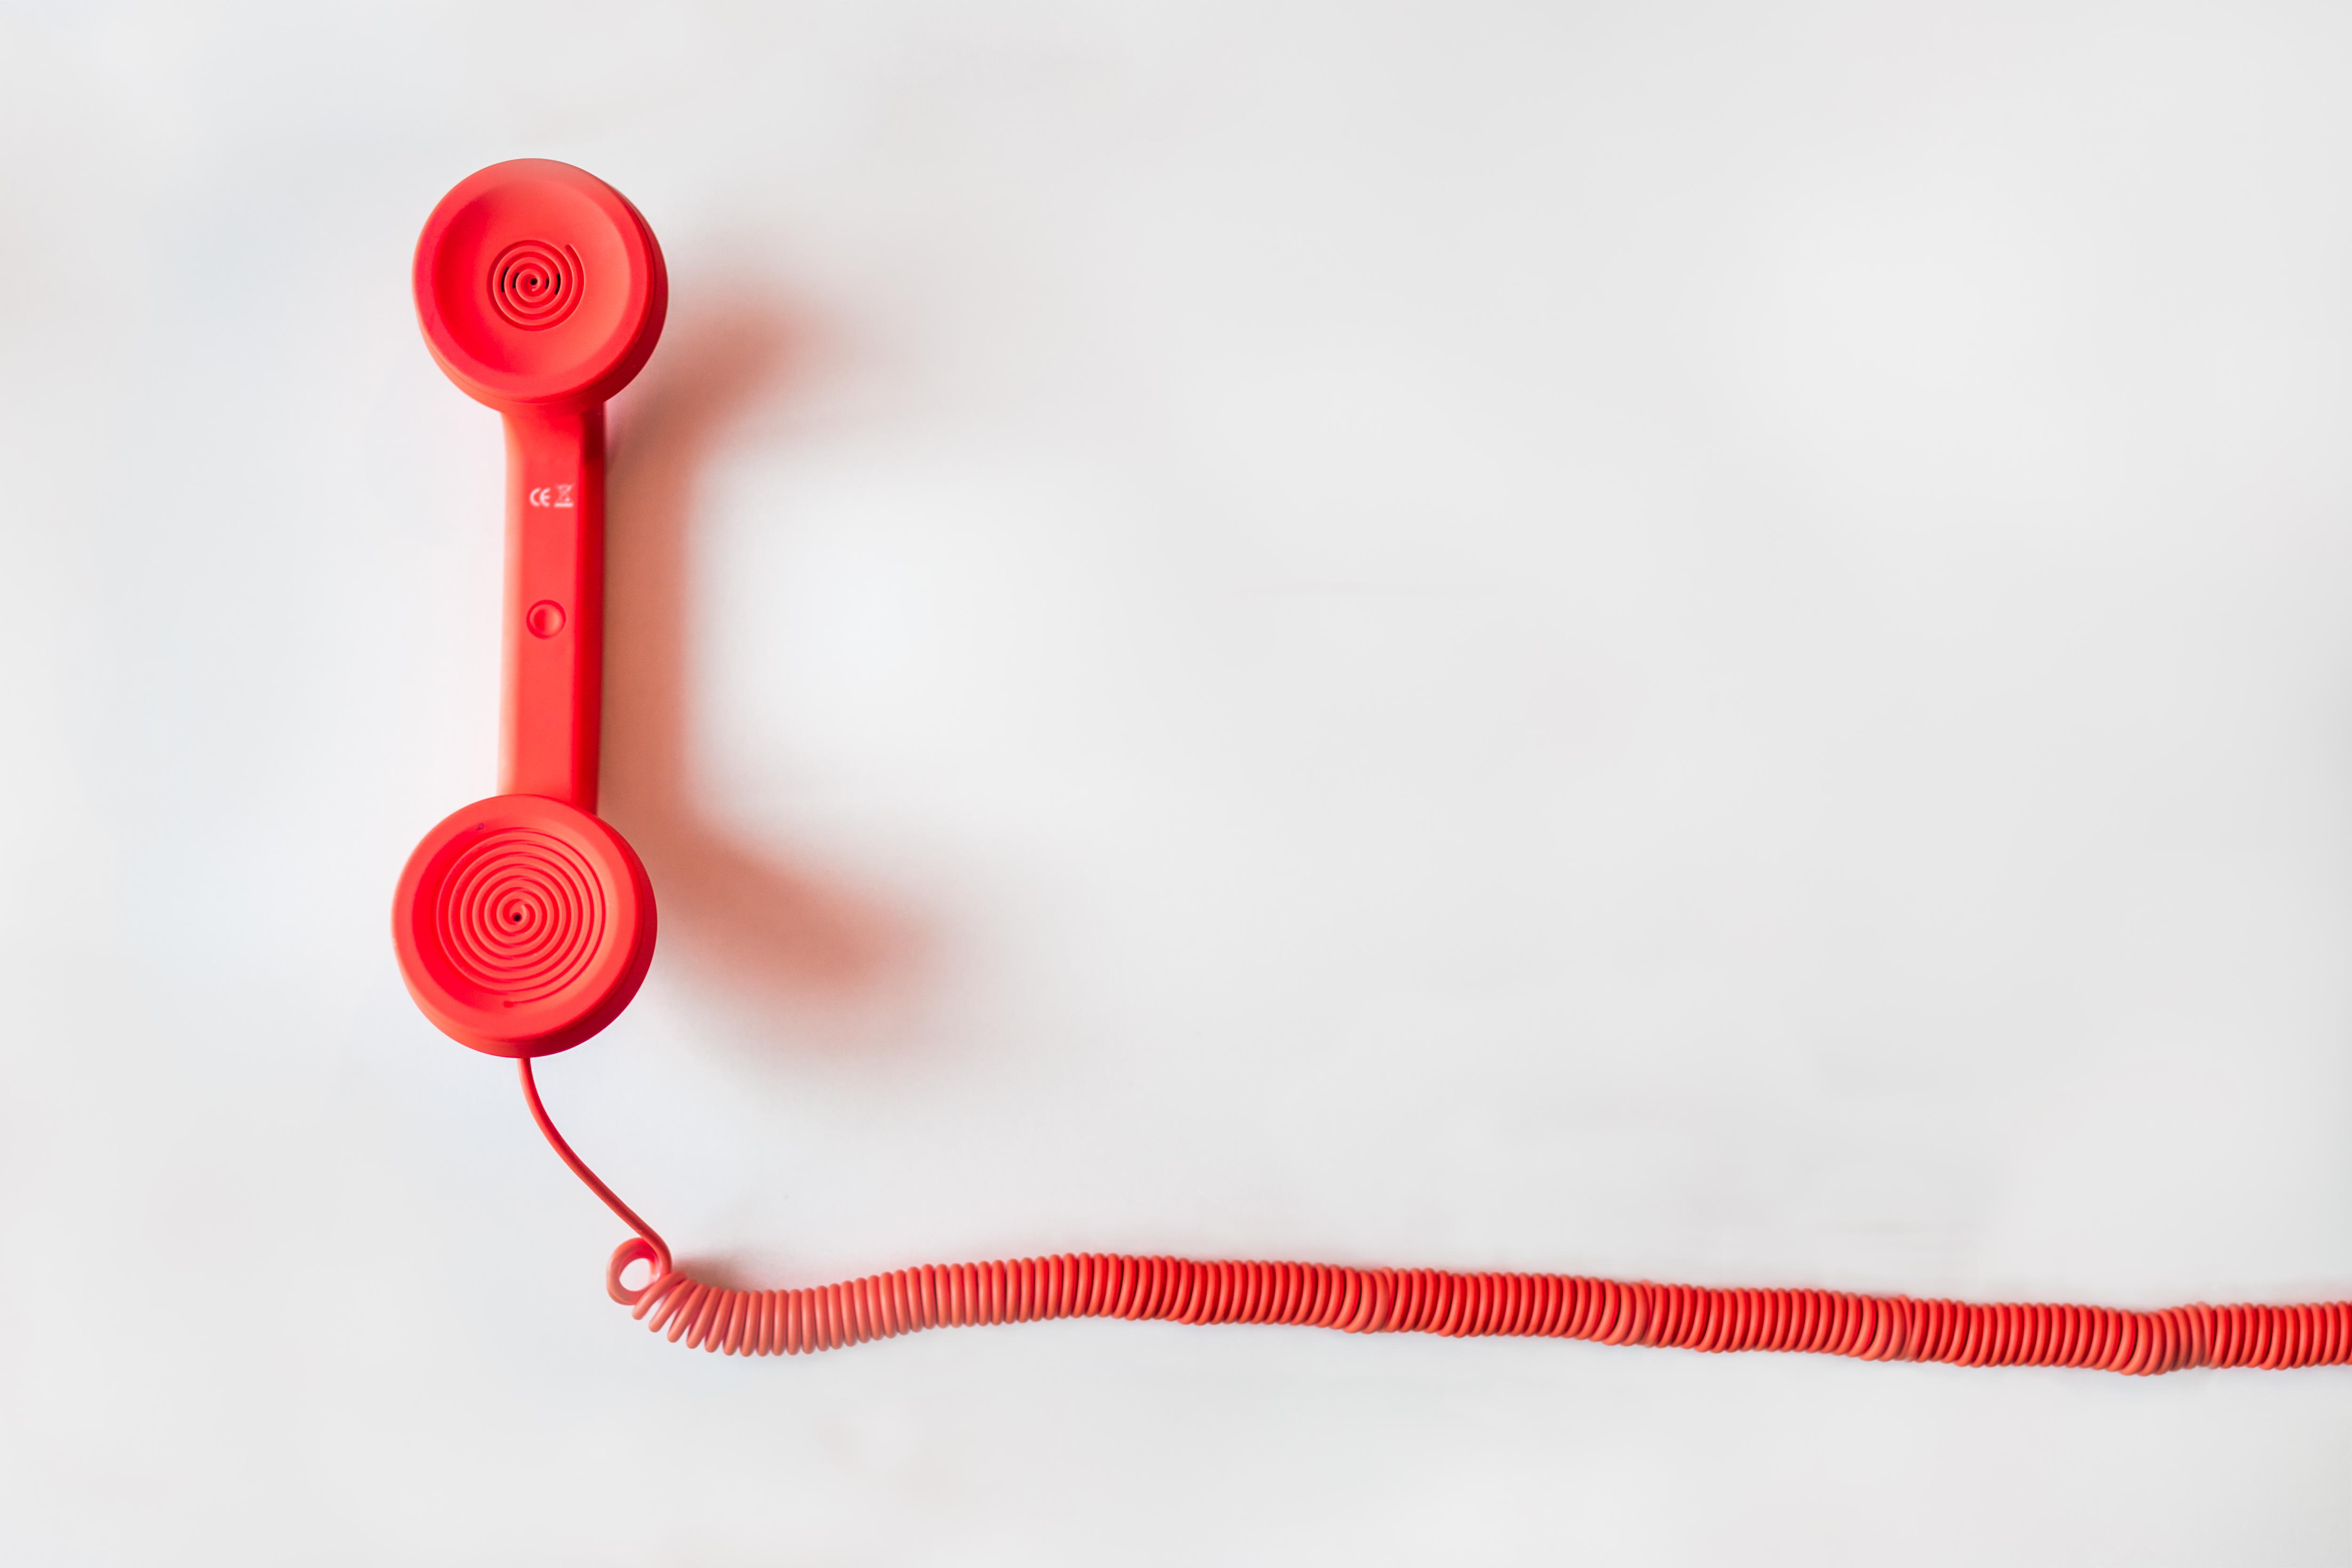 roter Telefonhörer mit Kabel